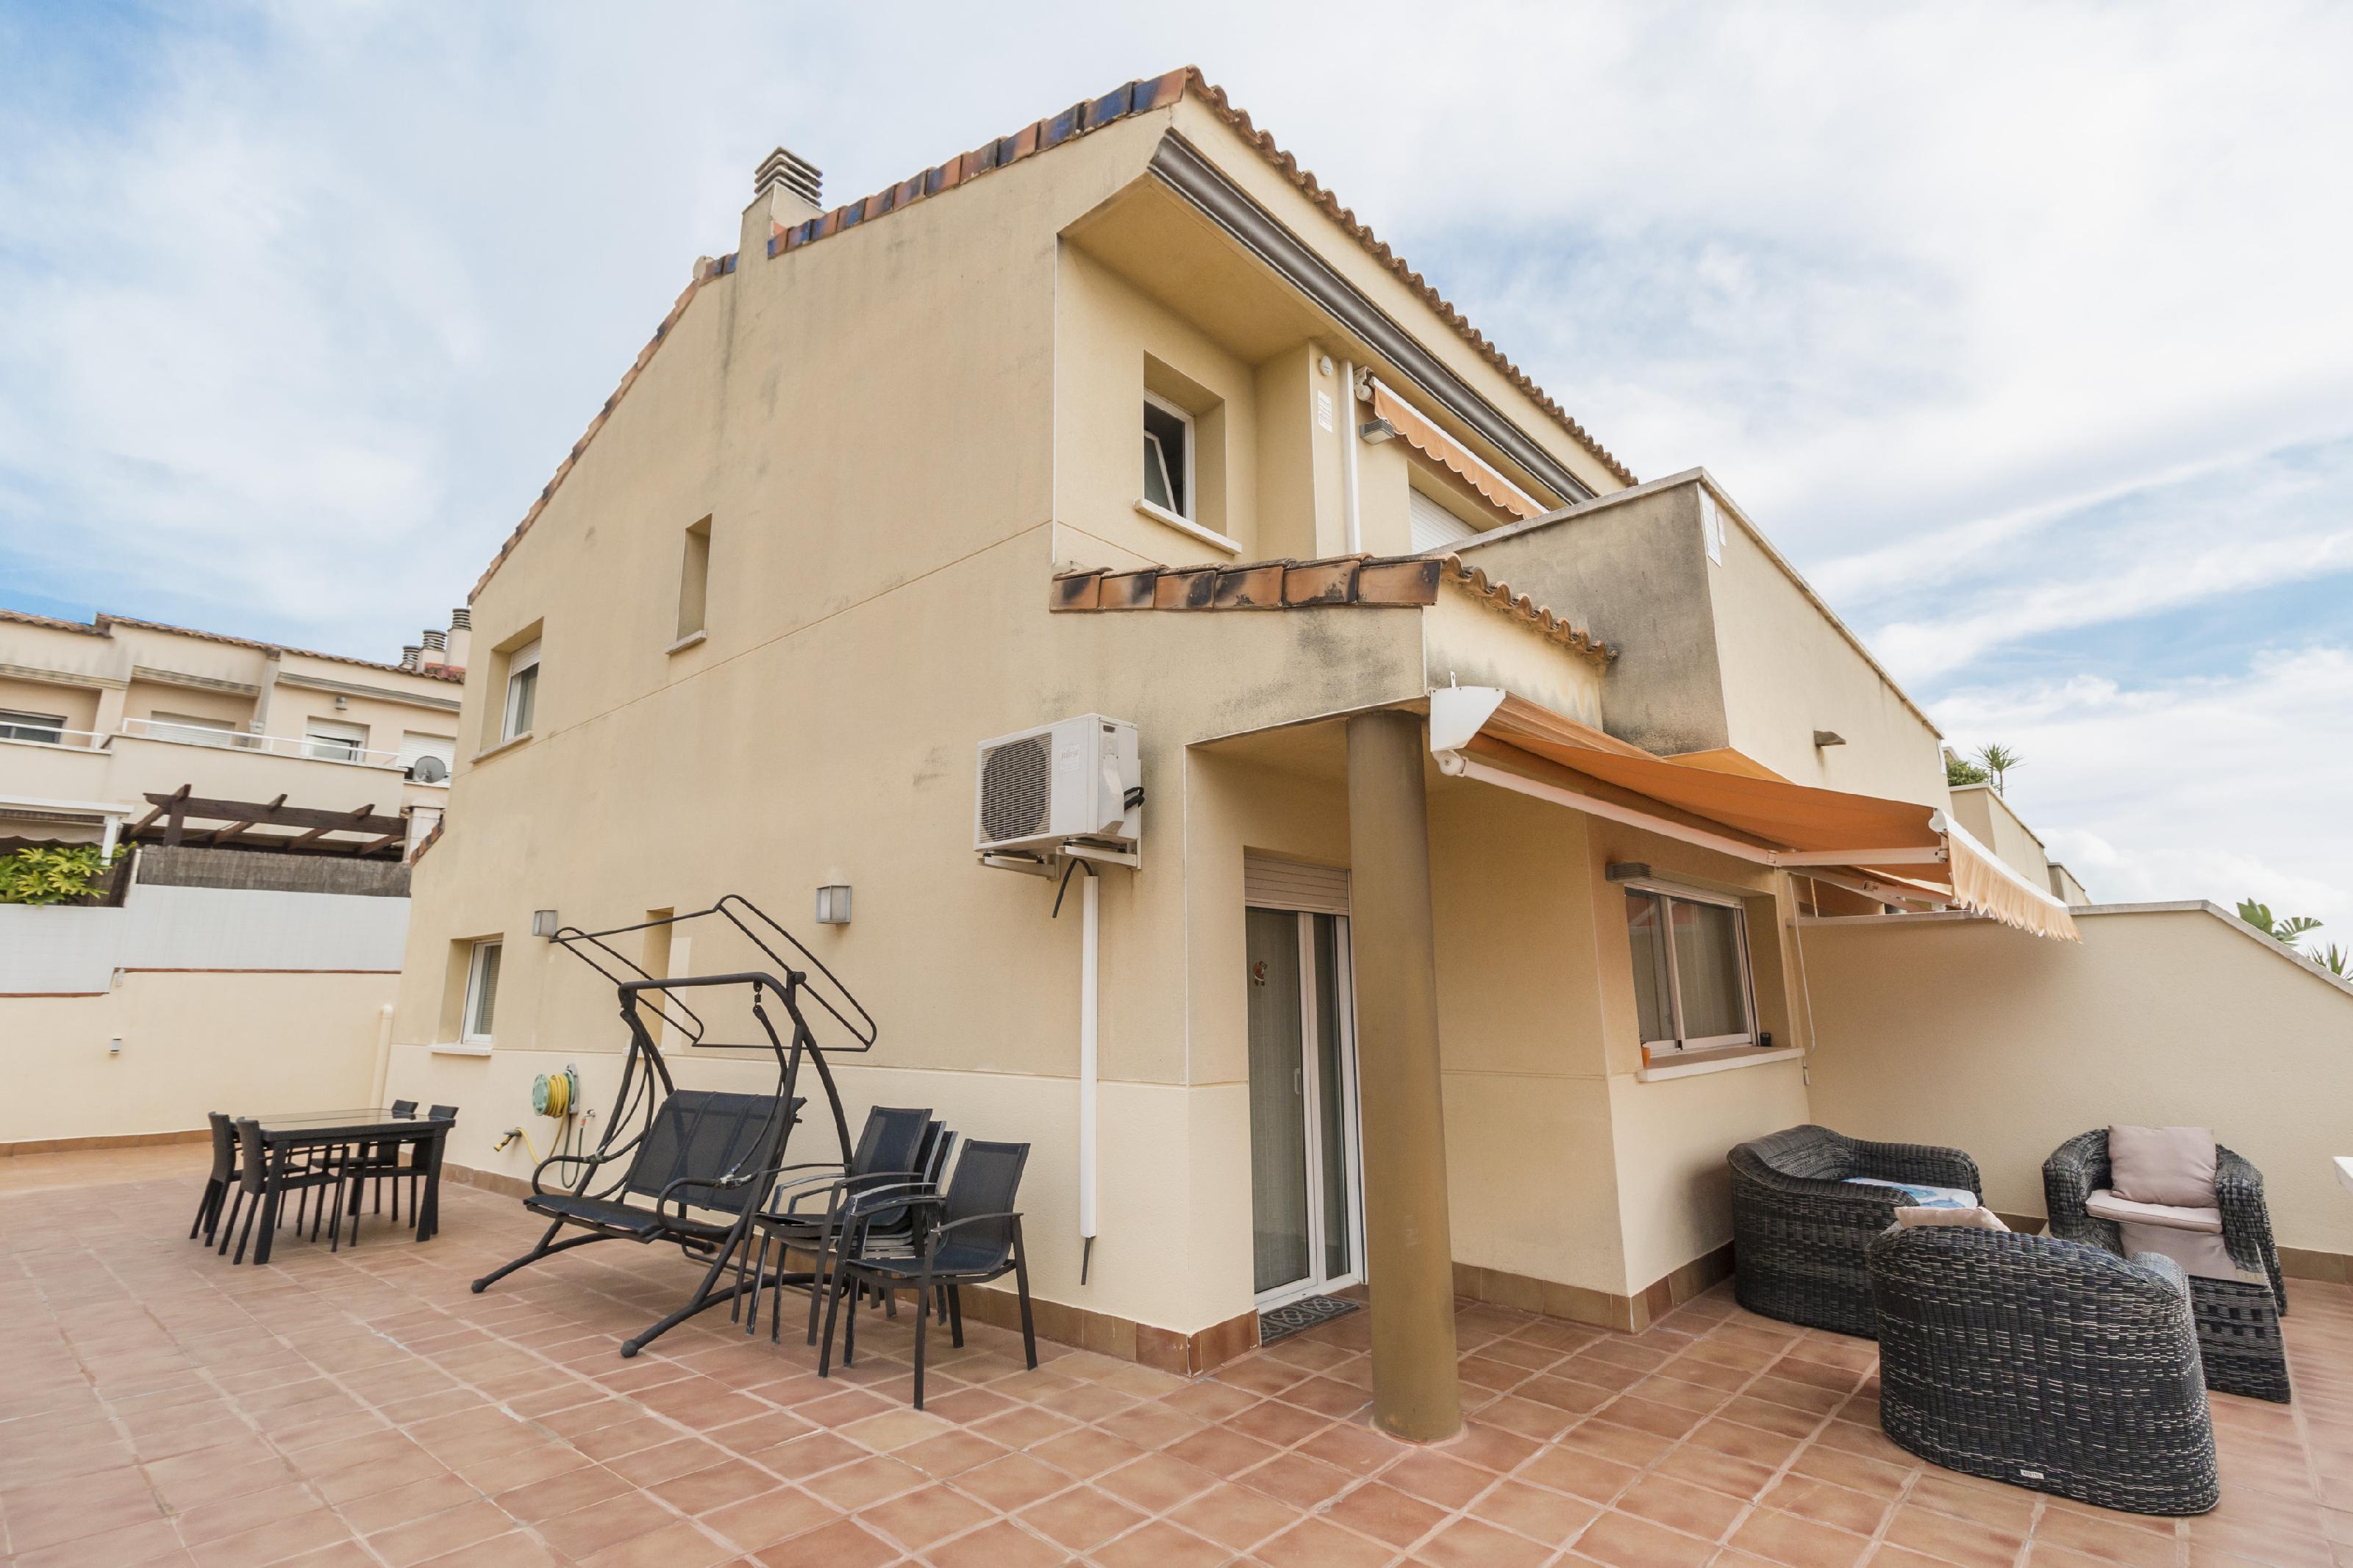 Imagen 1 Casa Adosada en venta en Cubelles / Orientada a Tarragona,  a 3 minutos del pueblo